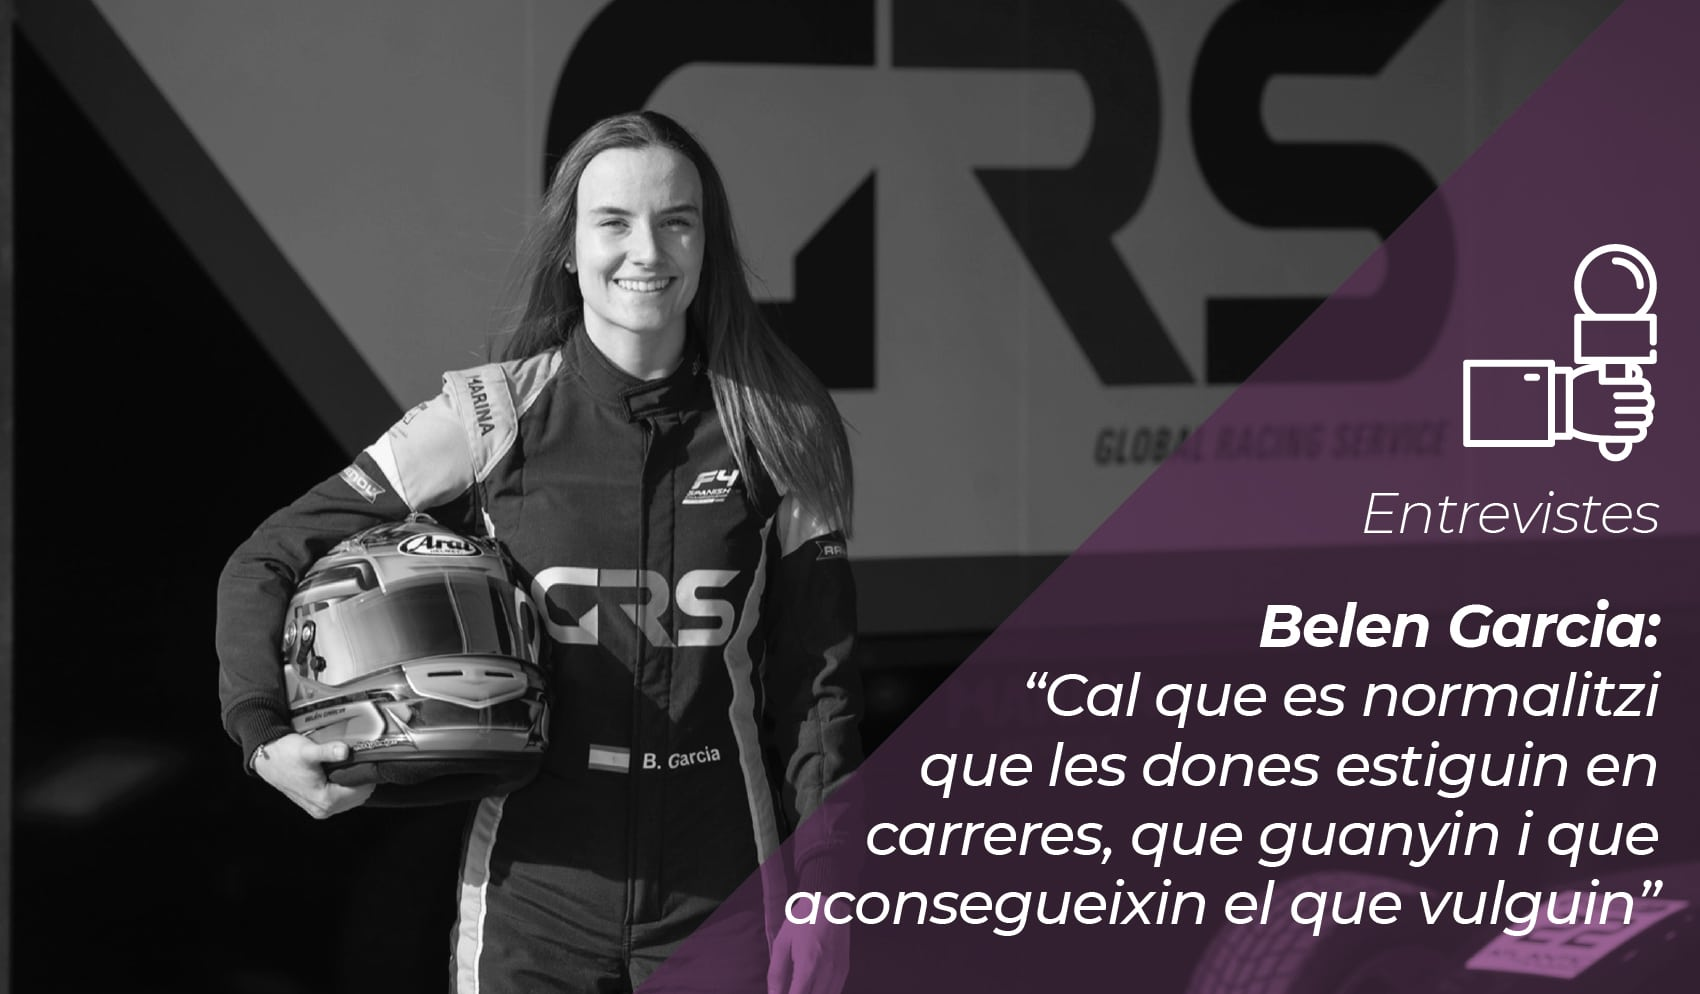 """Belen Garcia: """"Cal que es normalitzi que les dones estiguin en carreres, que guanyin i que aconsegueixin el que vulguin"""" 8"""